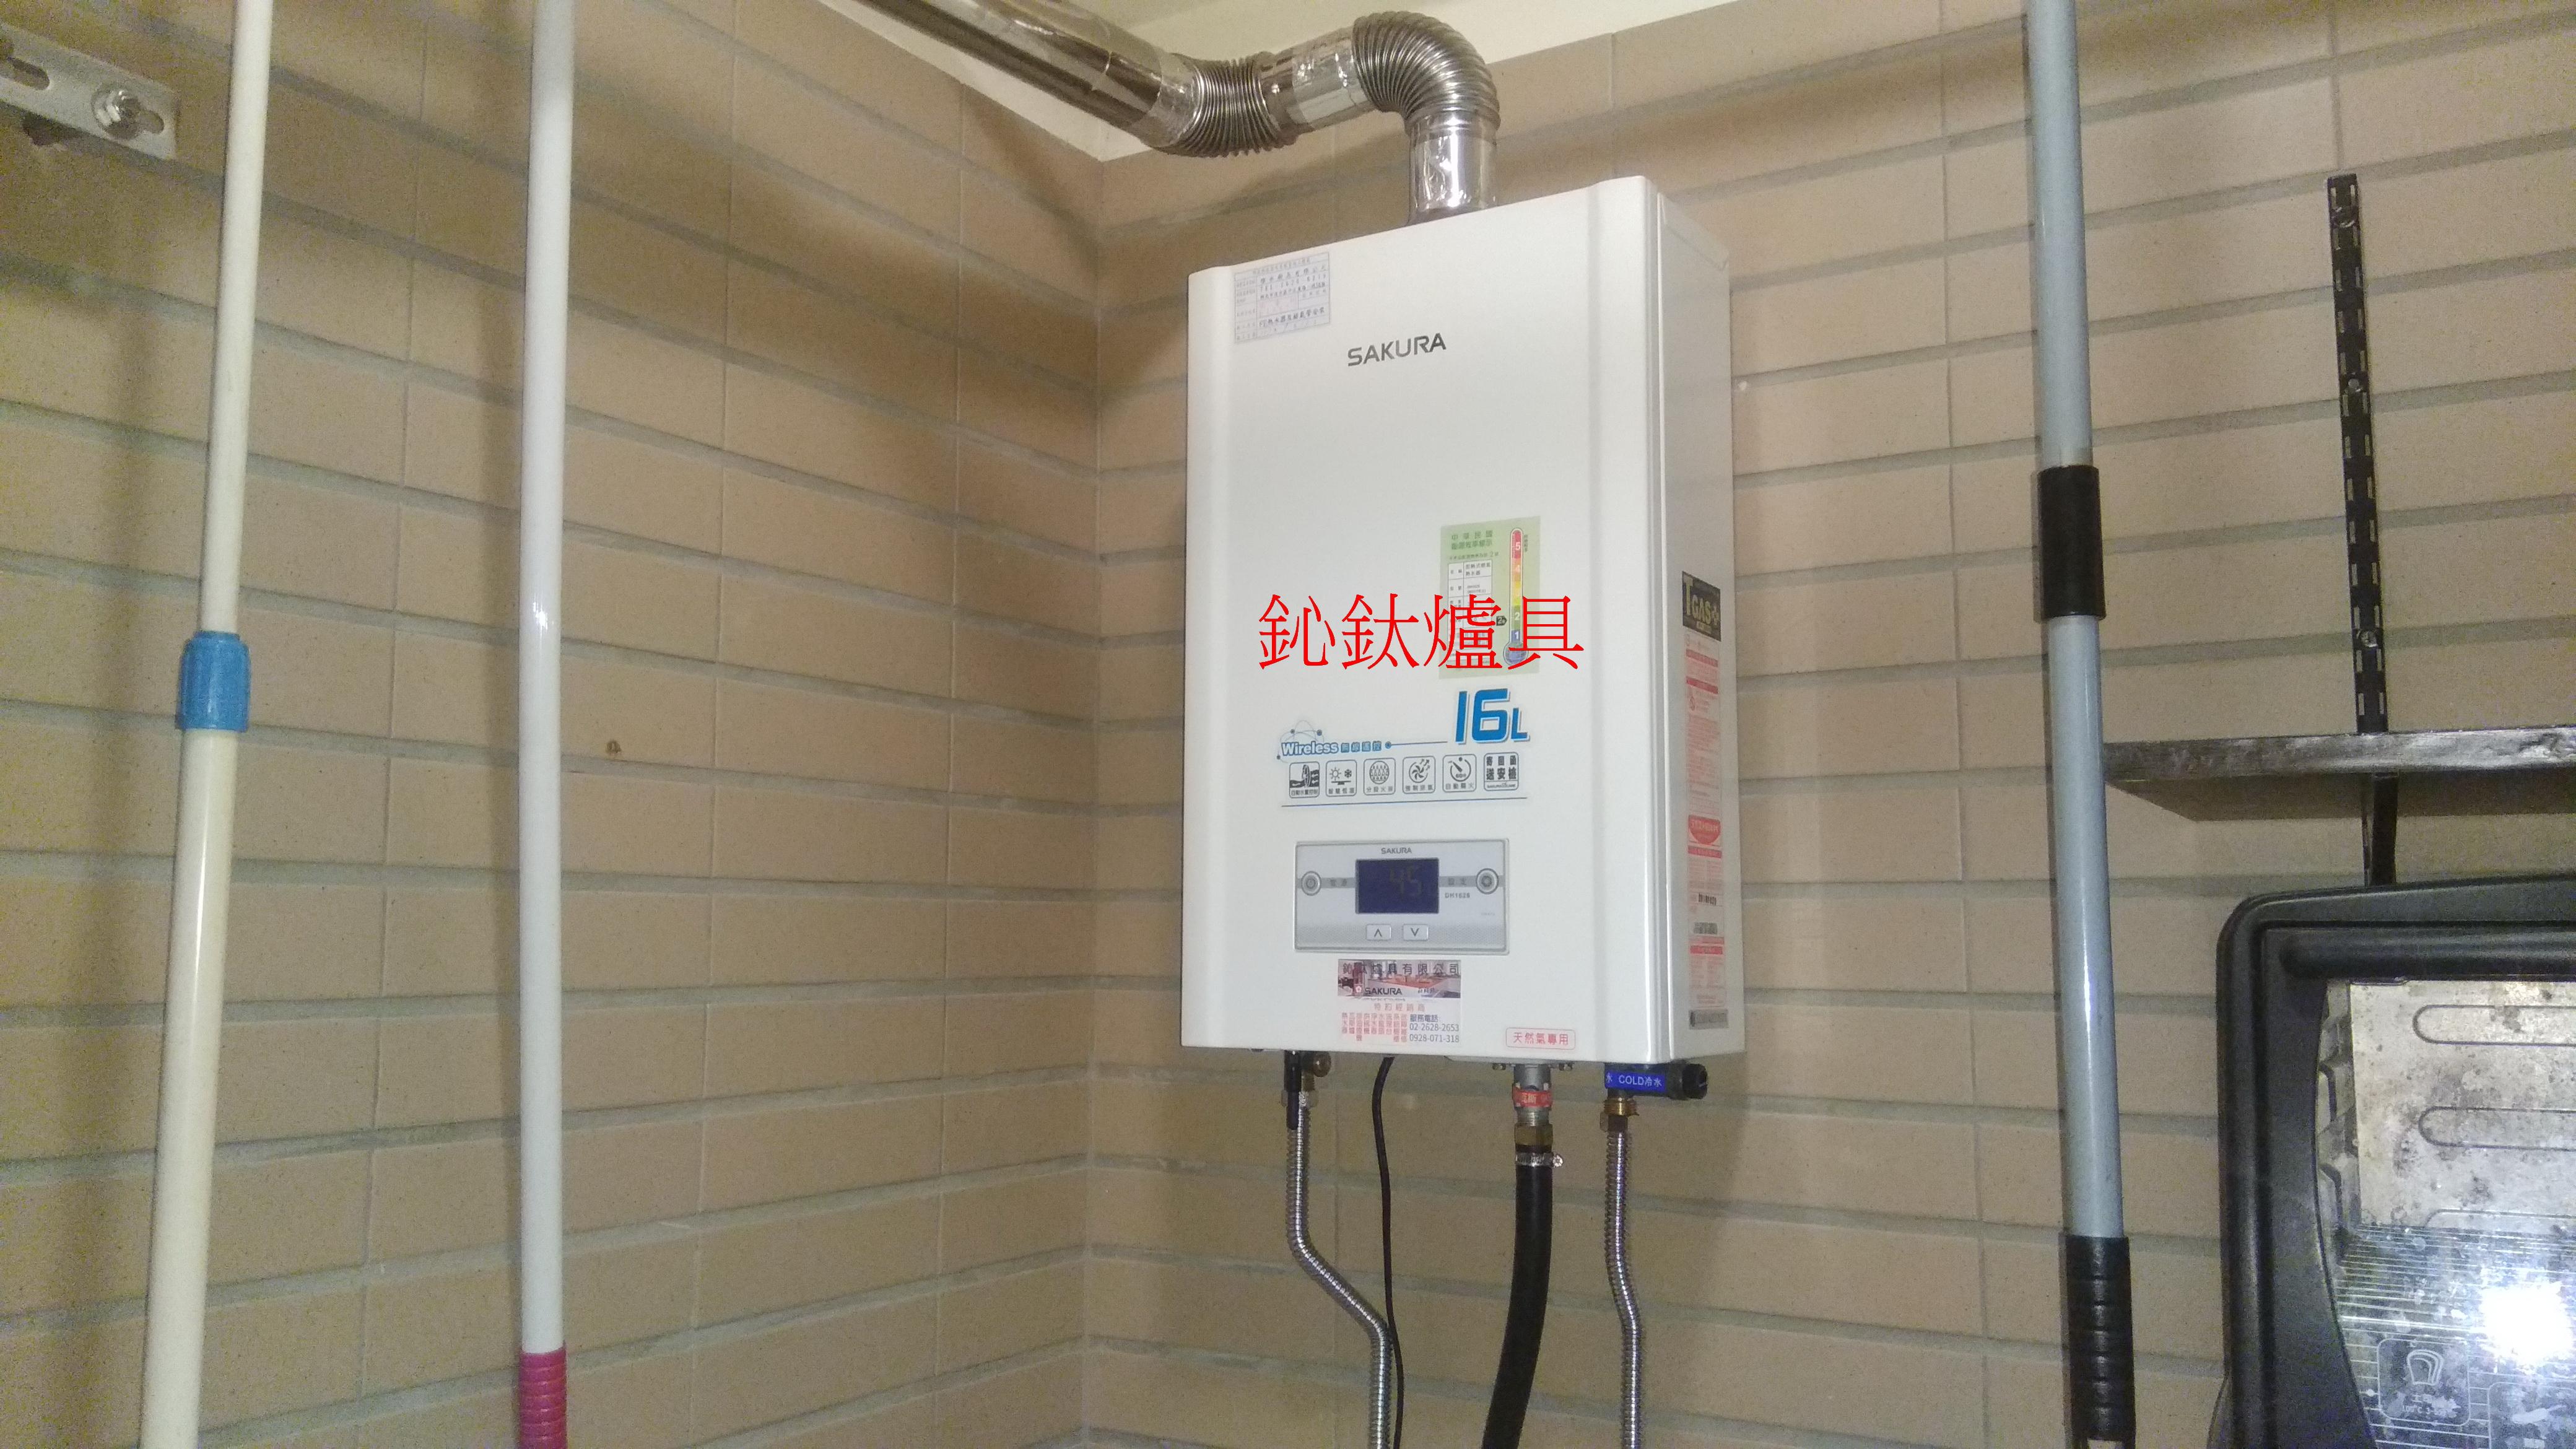 櫻花熱水器DH1628 16L 無線遙控智能恆溫熱水器.jpg